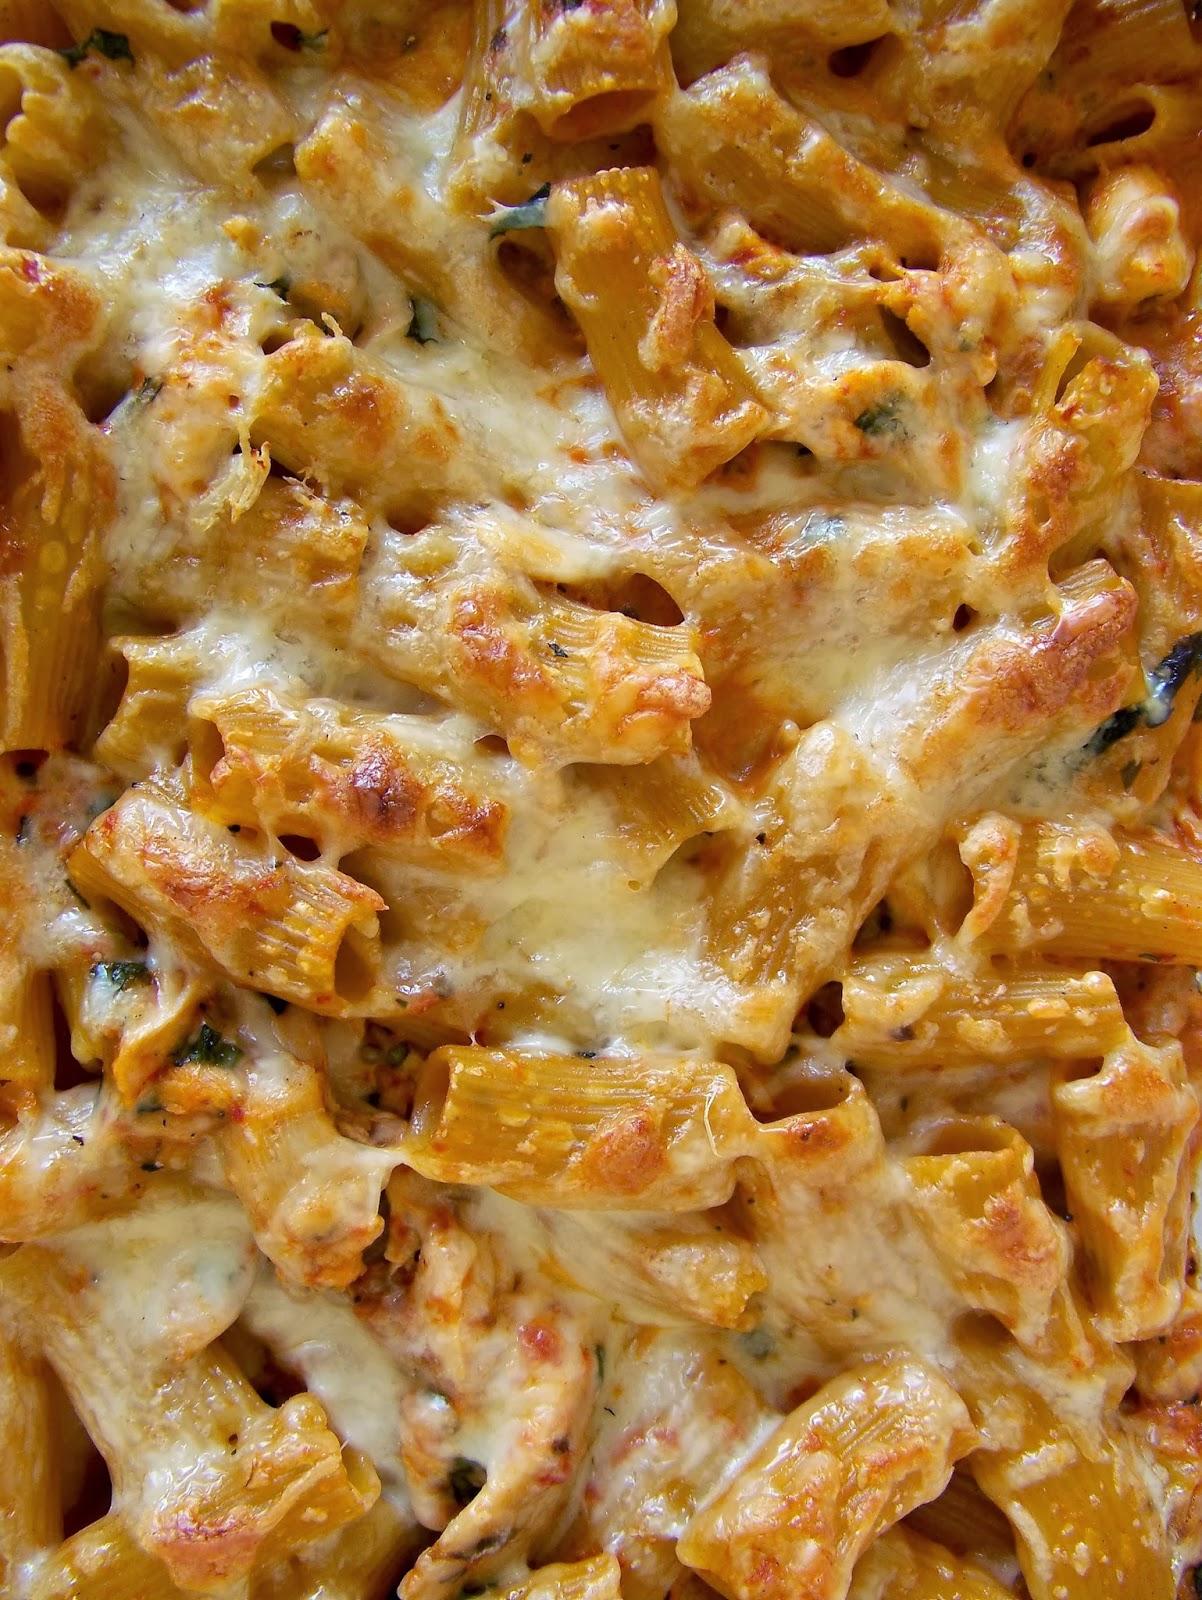 Americas Test Kitchen Caramel Chicken